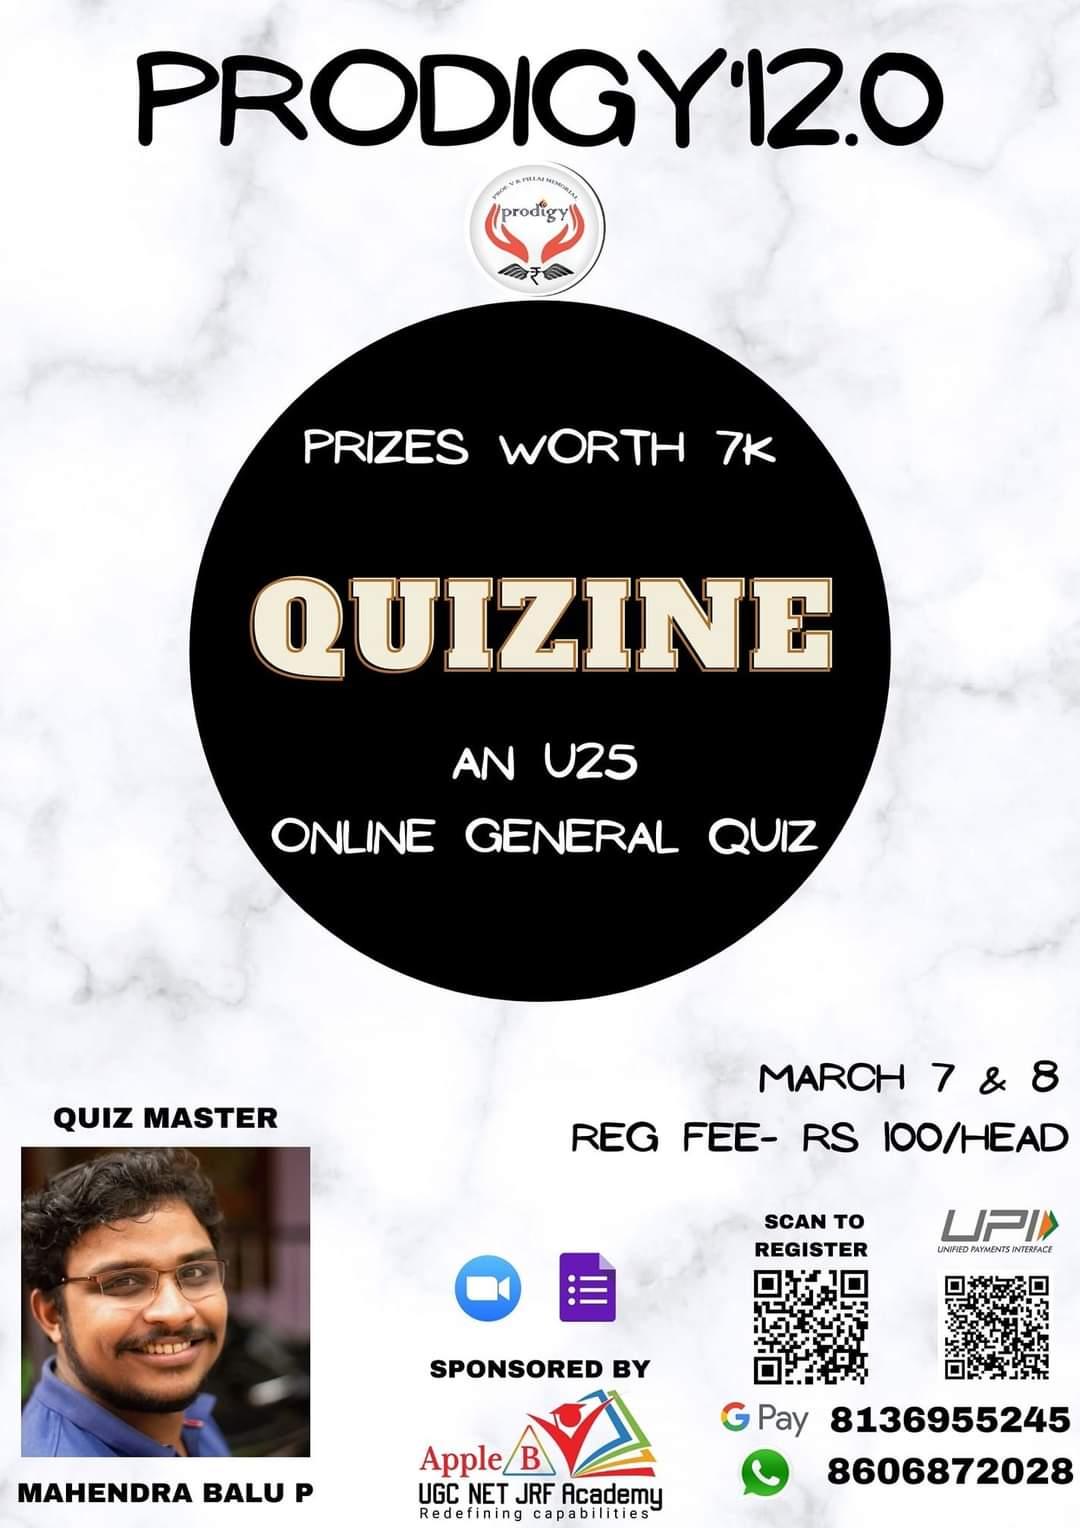 Quizine